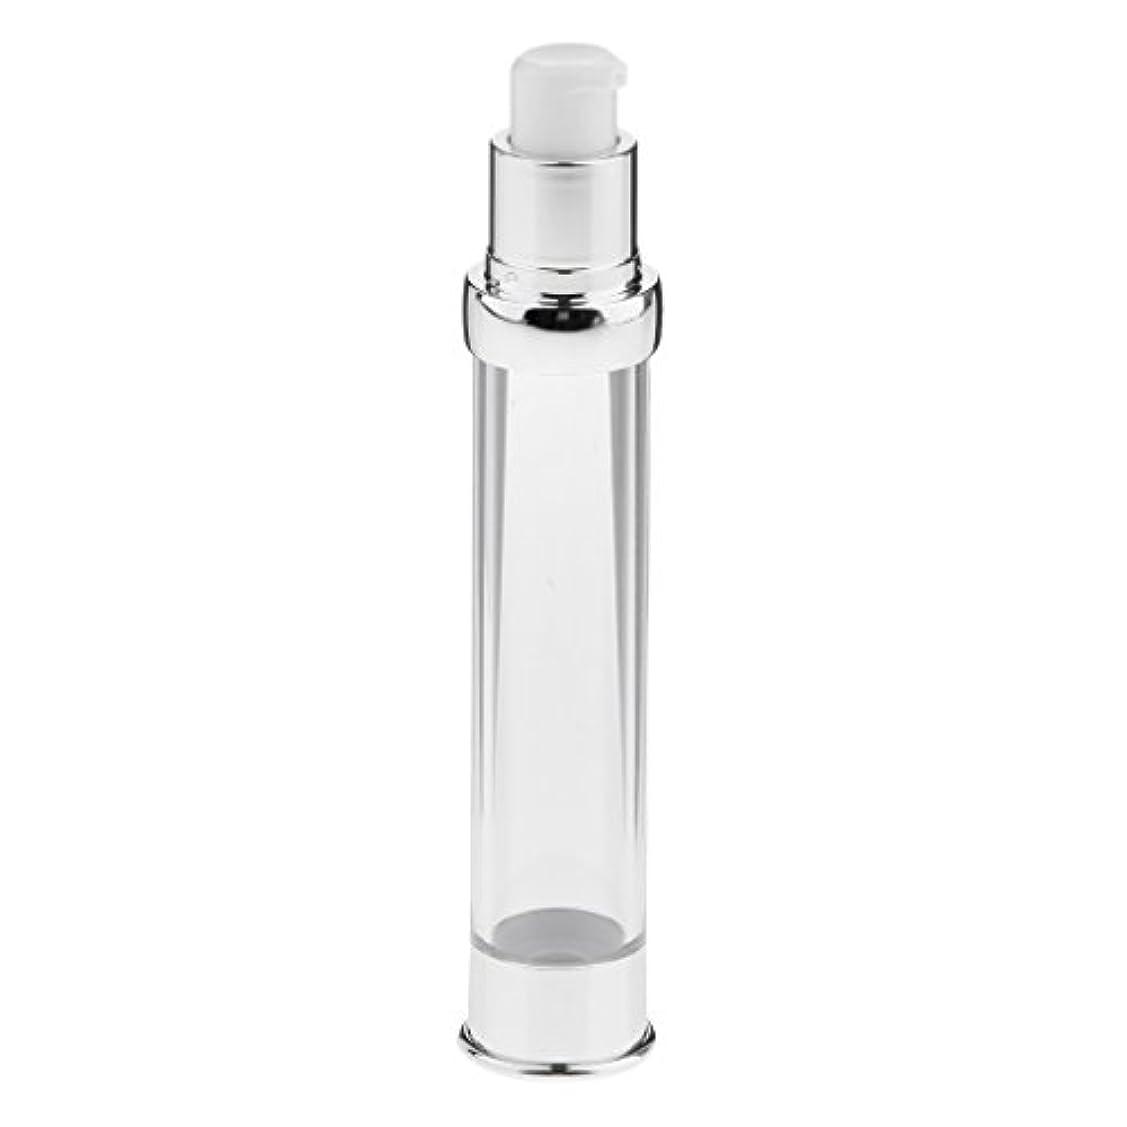 国籍司書倉庫ポンプボトル コスメ用 詰替え 収納ボトル 化粧 クリーム メイク道具 4サイズ選択 - 30ml